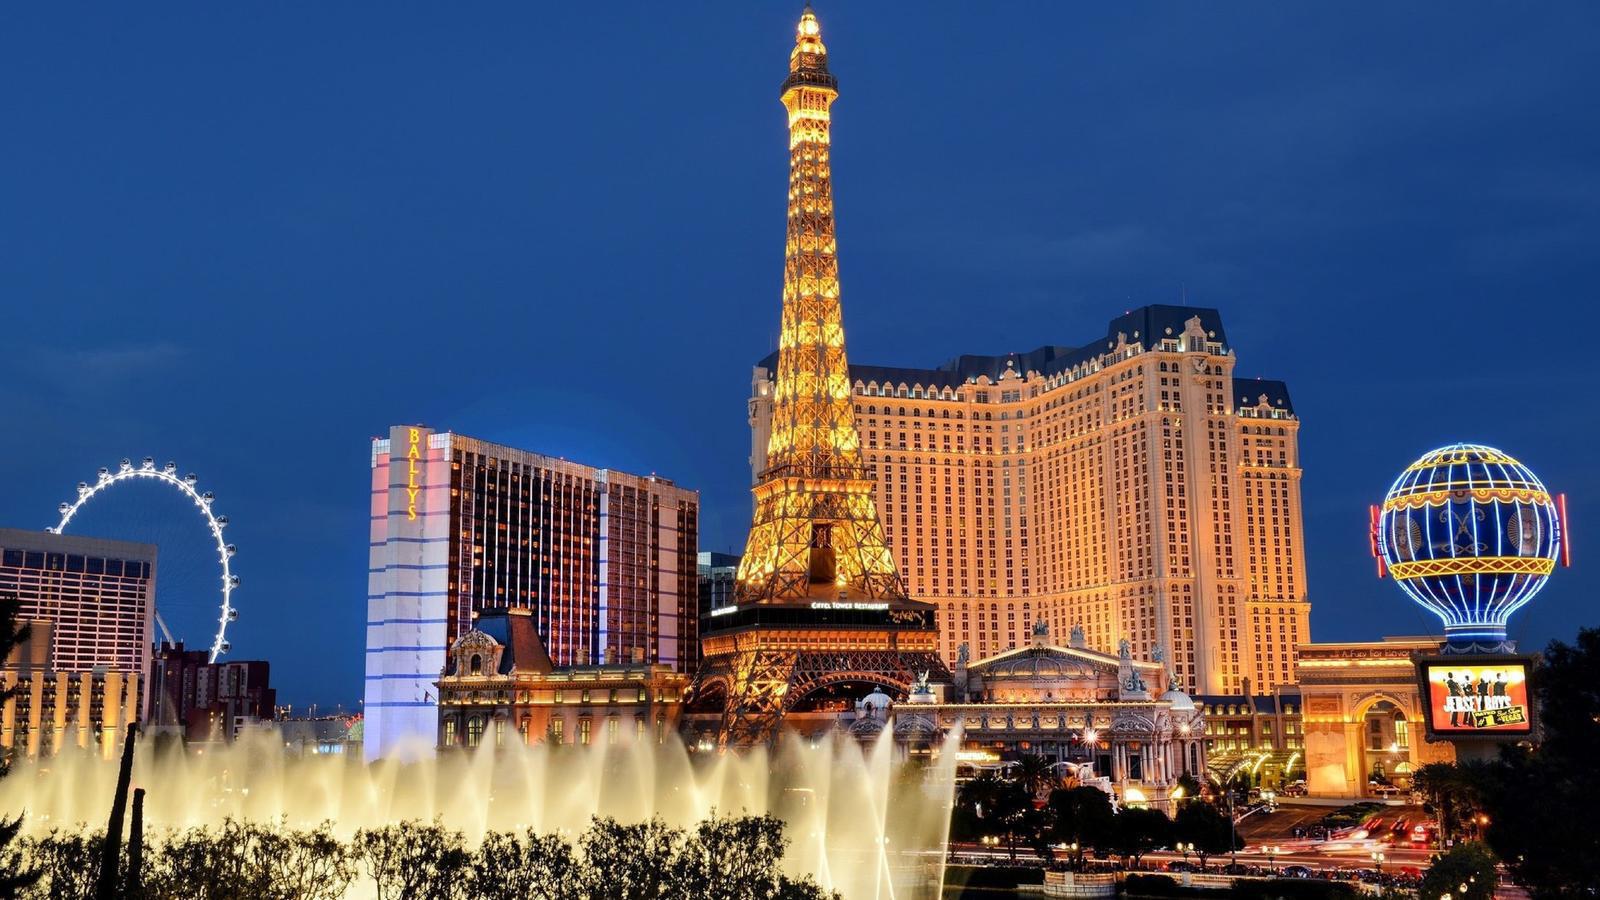 las vegas casinos raise parking fees - la times